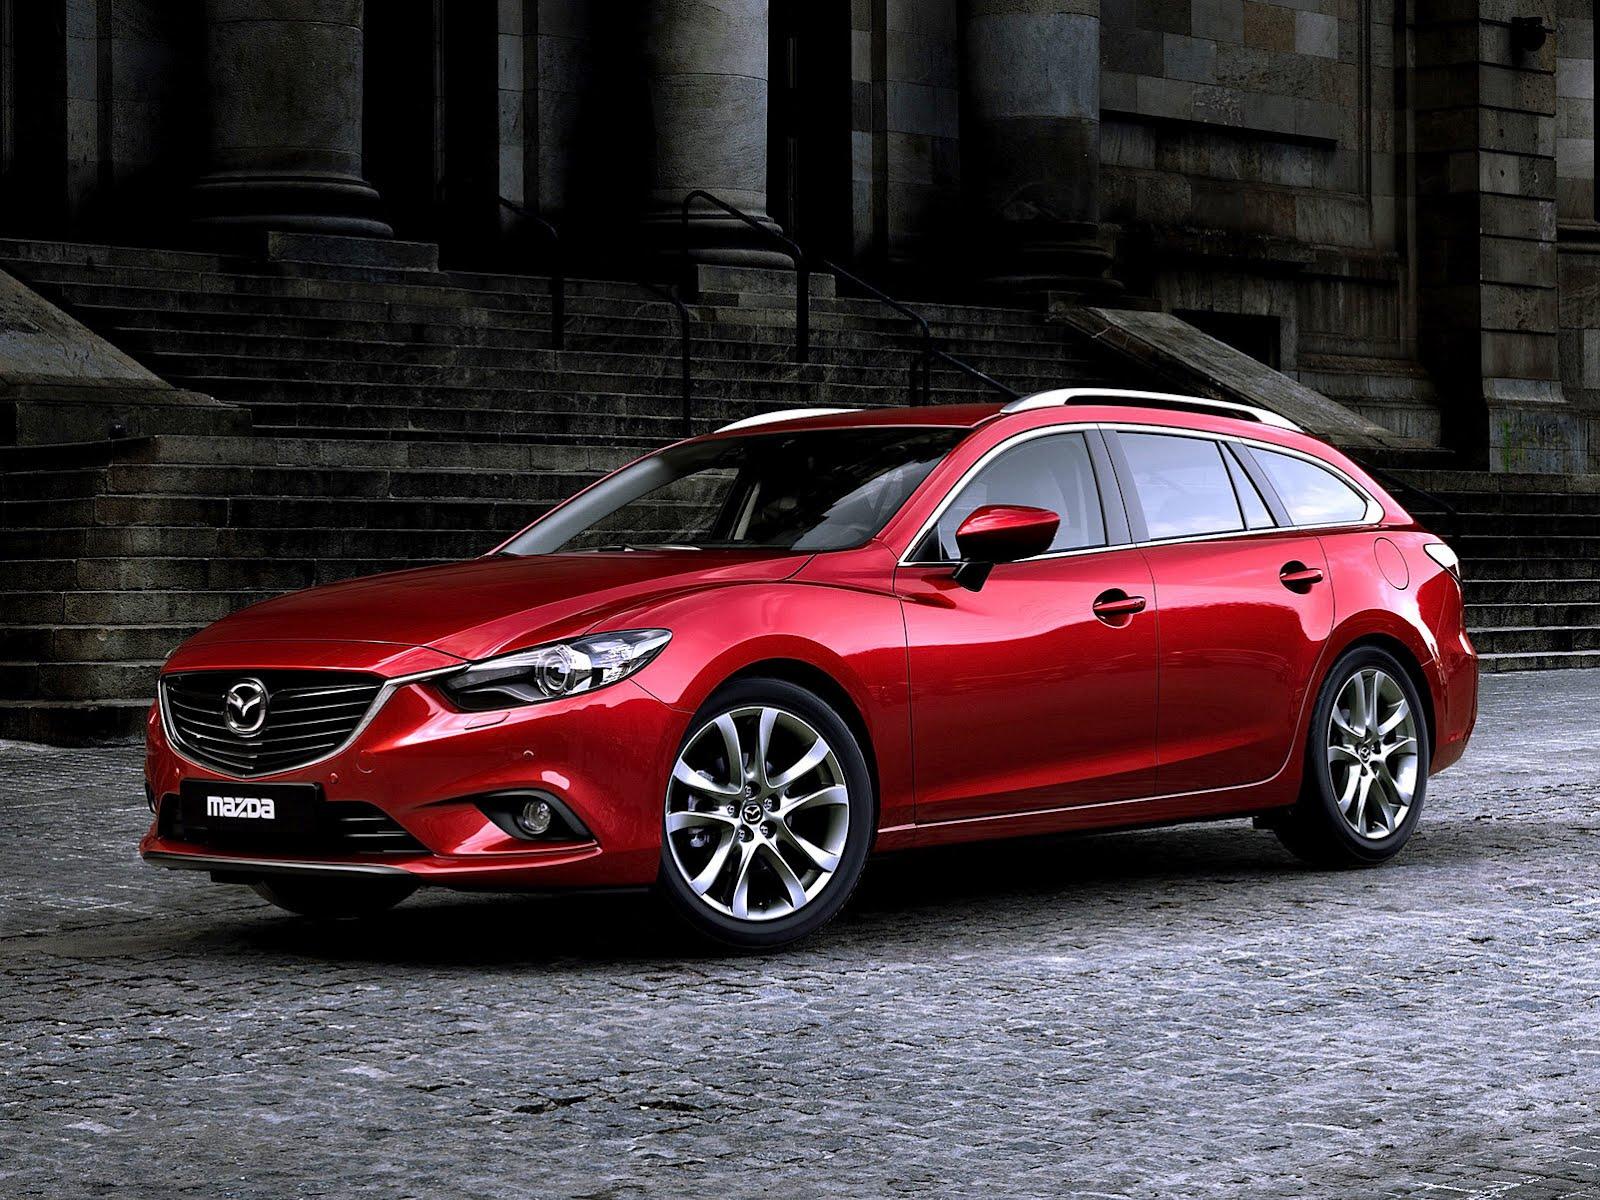 Mazda 6 Wagon (2013) - Car Barn Sport